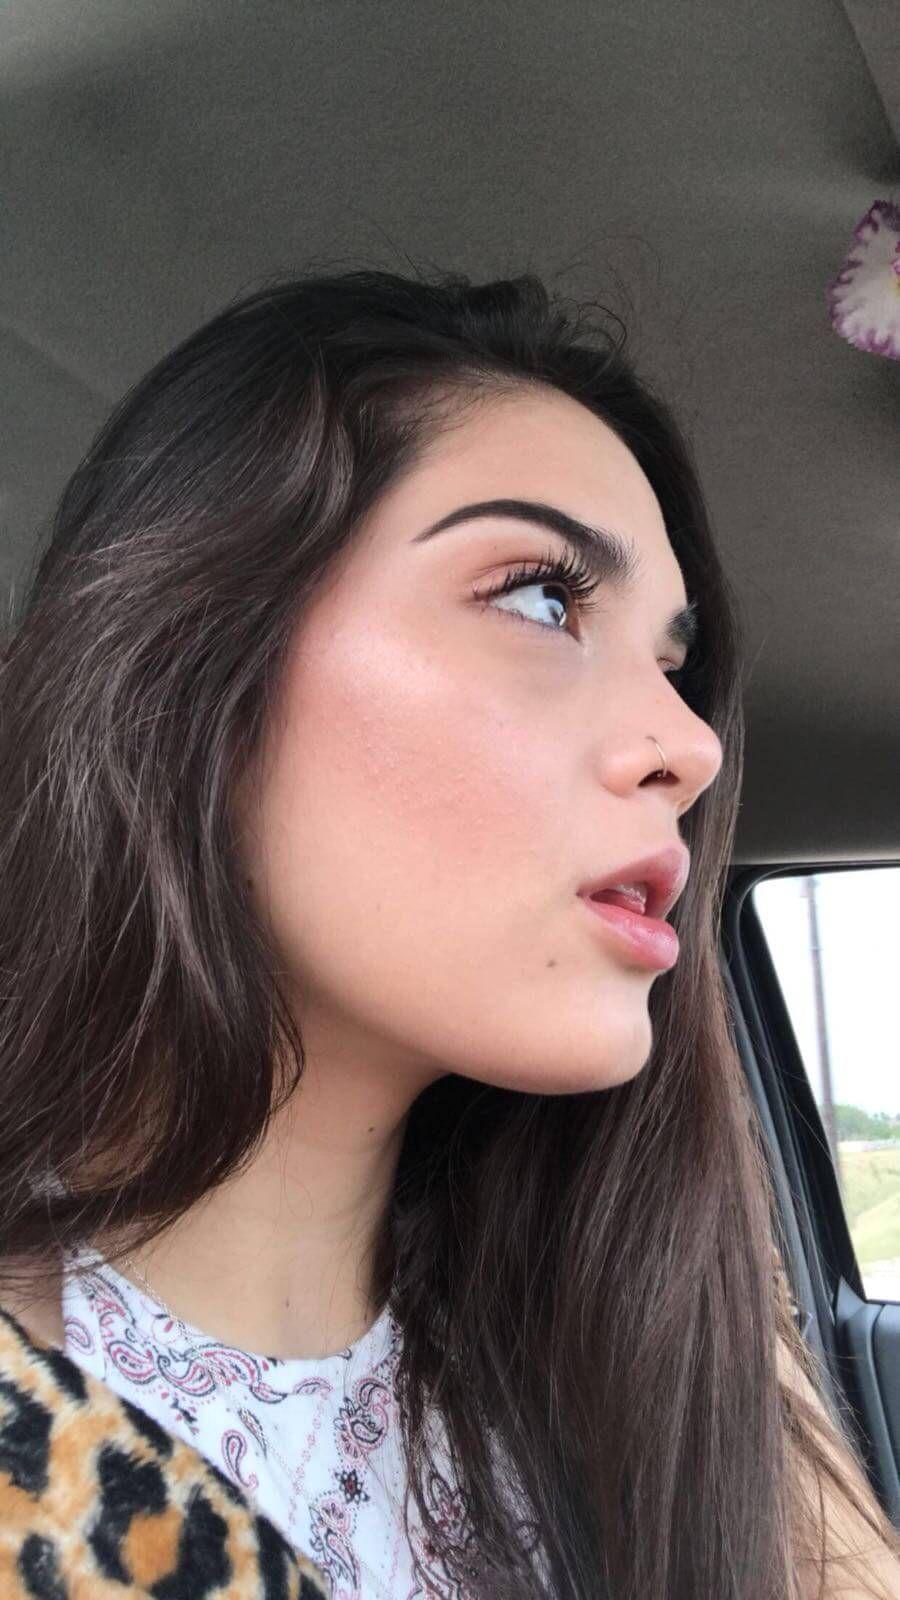 Rico cuerpo de joven Tania fotos + videos 2